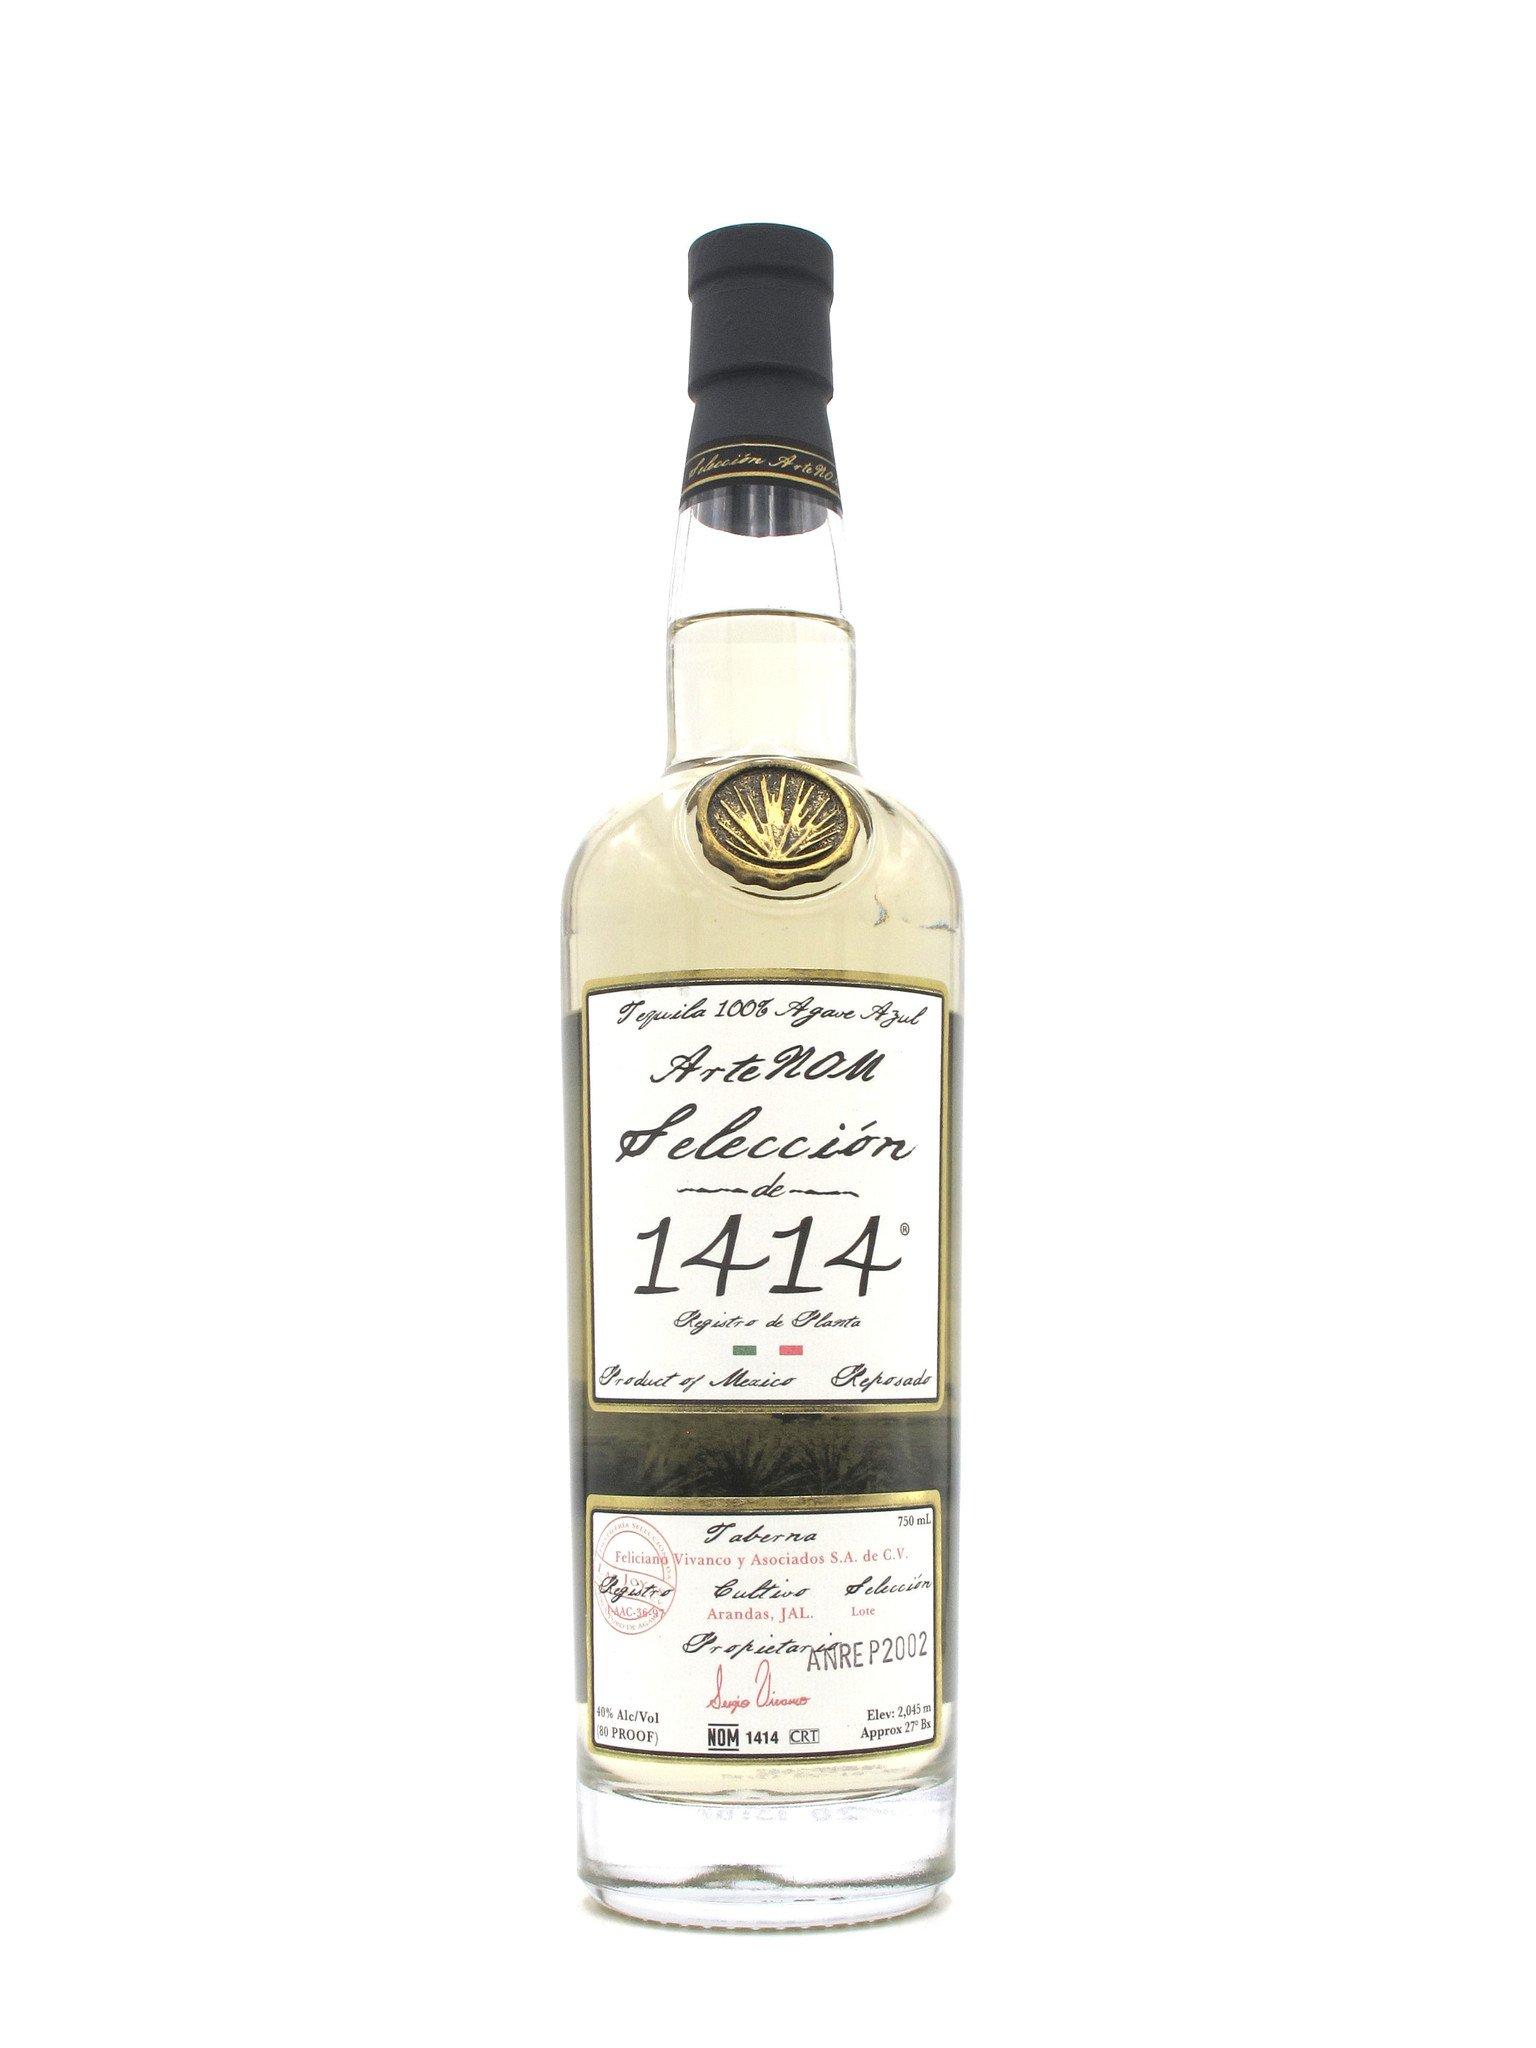 Artnom ArteNOM '1414' Tequila Reposado 750ml